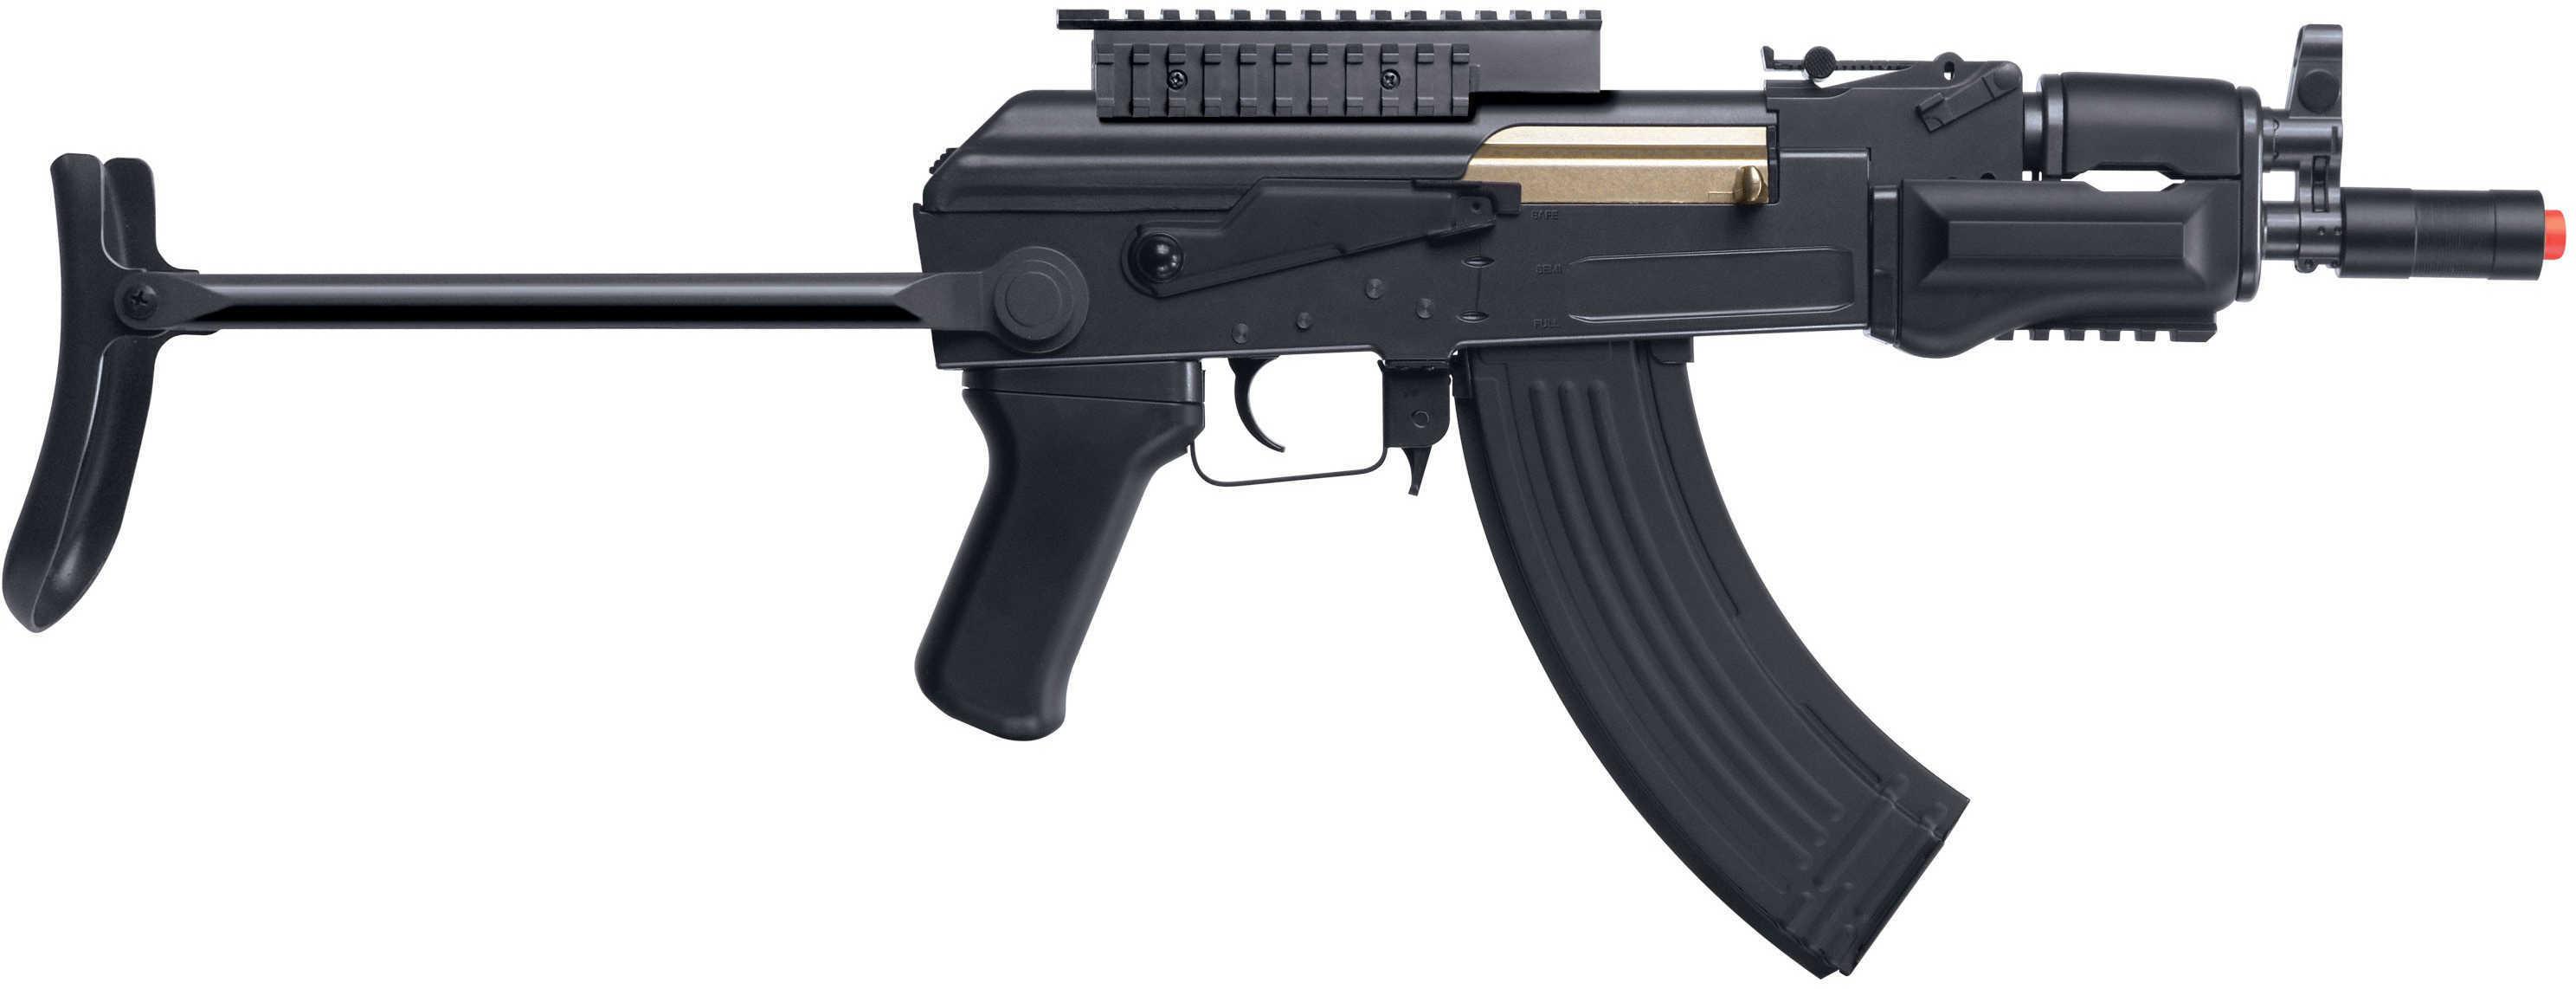 Crosman GF76 AK Carbine Air Rifle Semi-Automatic 6mm Airsoft Black